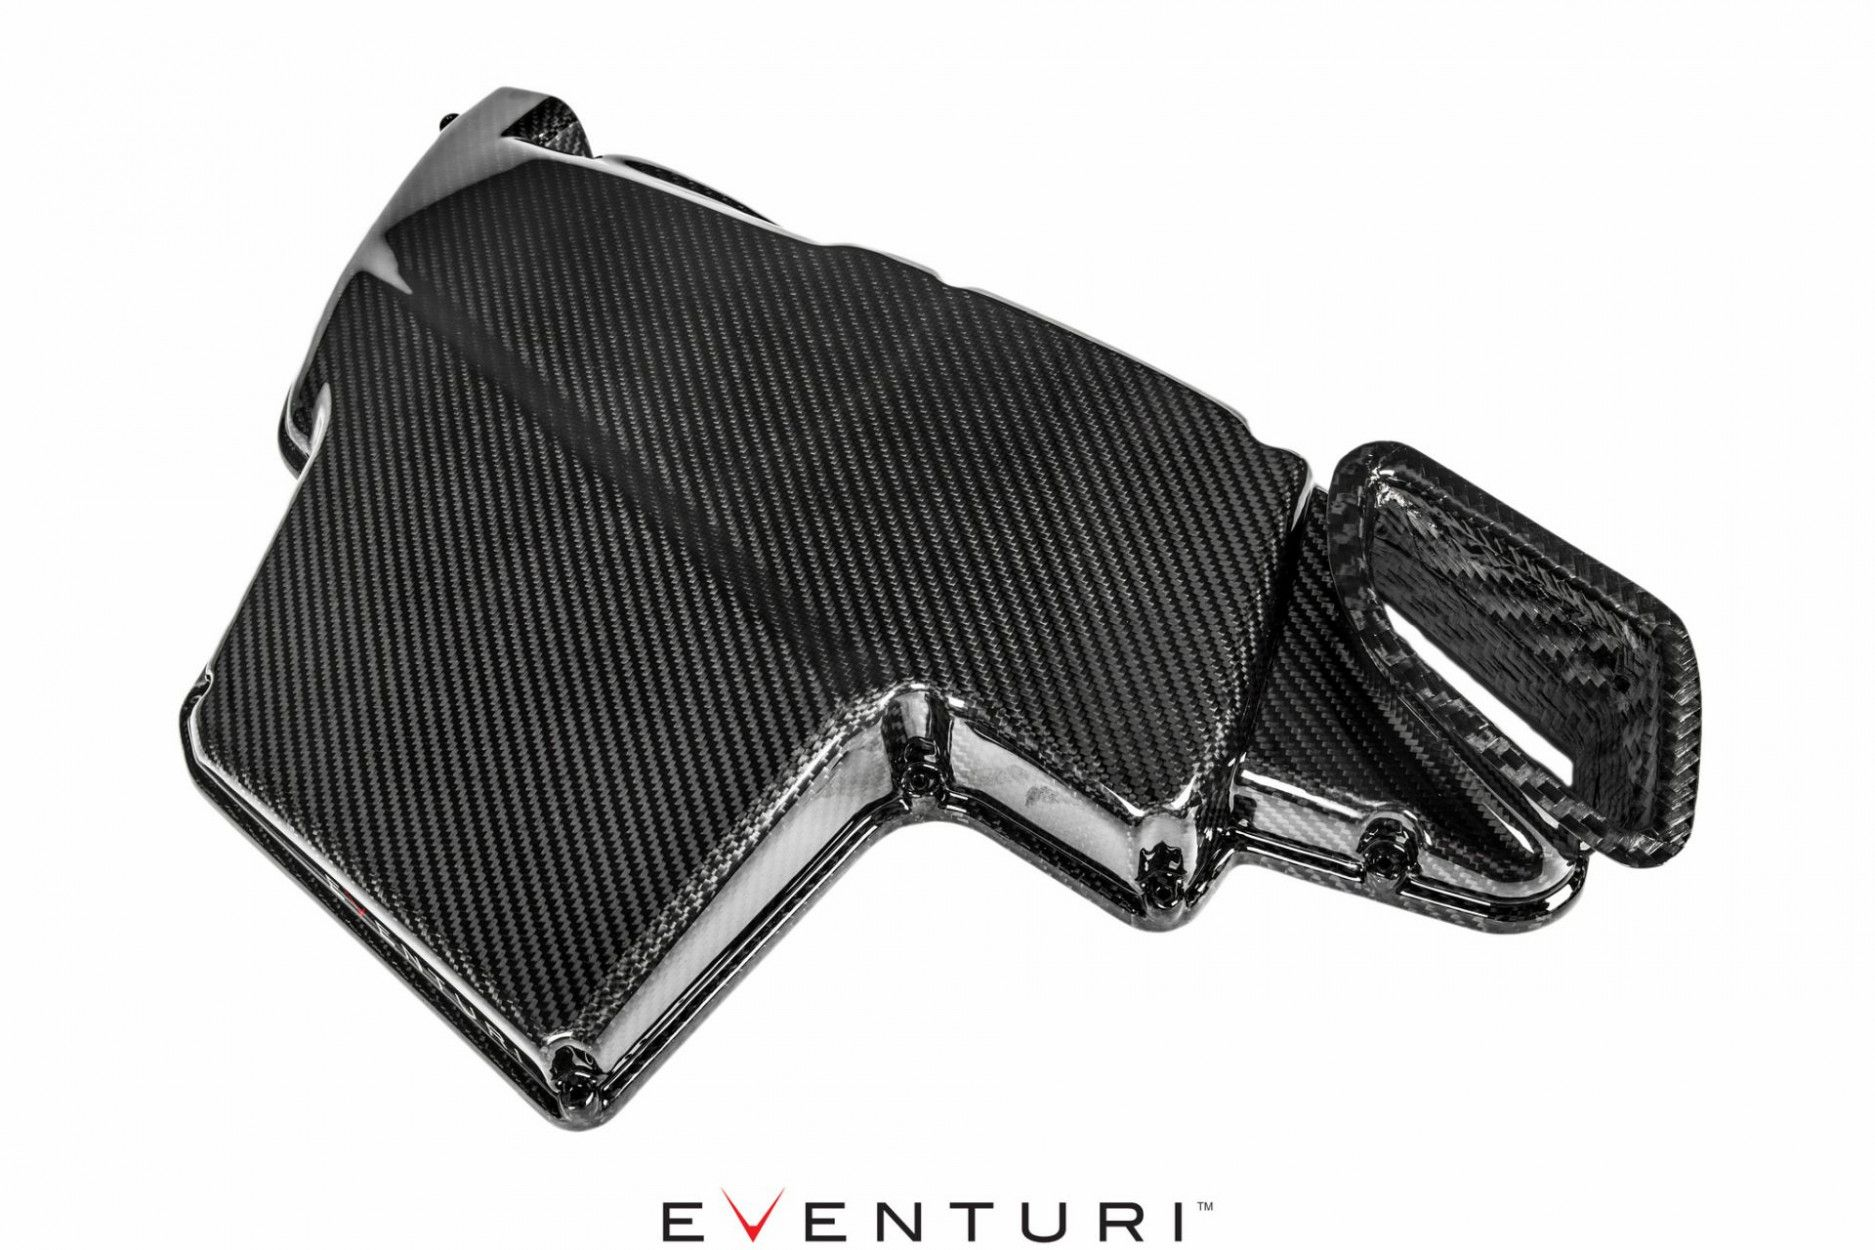 Eventuri Carbon Luftfilterabdeckung für BMW M3 E9X